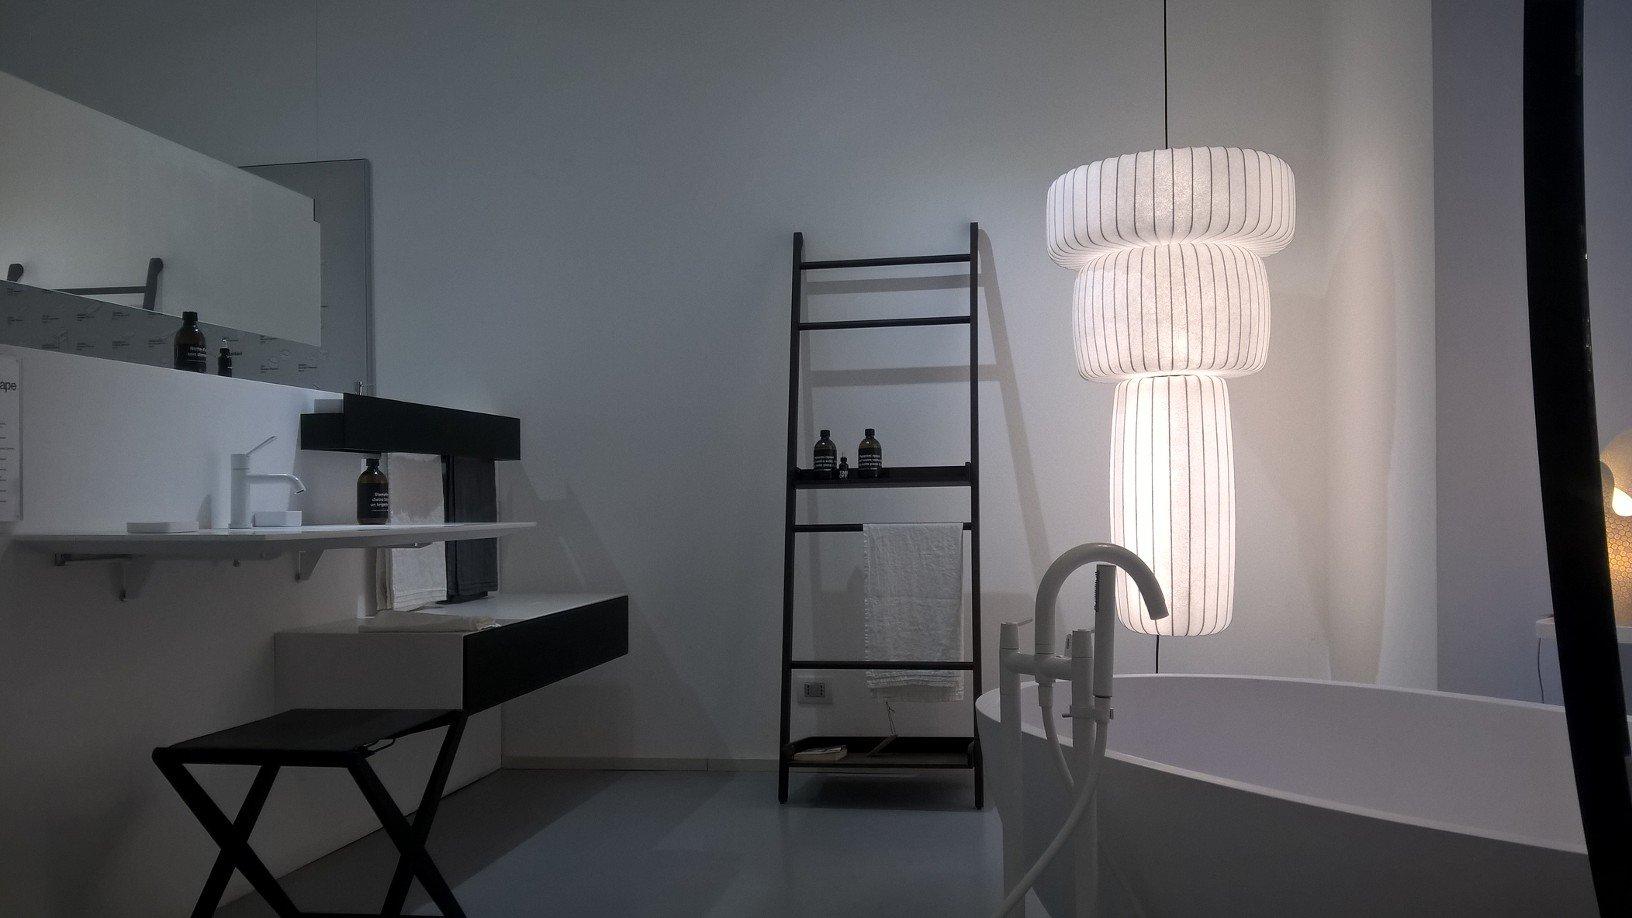 Illuminazione led casa aosta illuminazione led in un luci